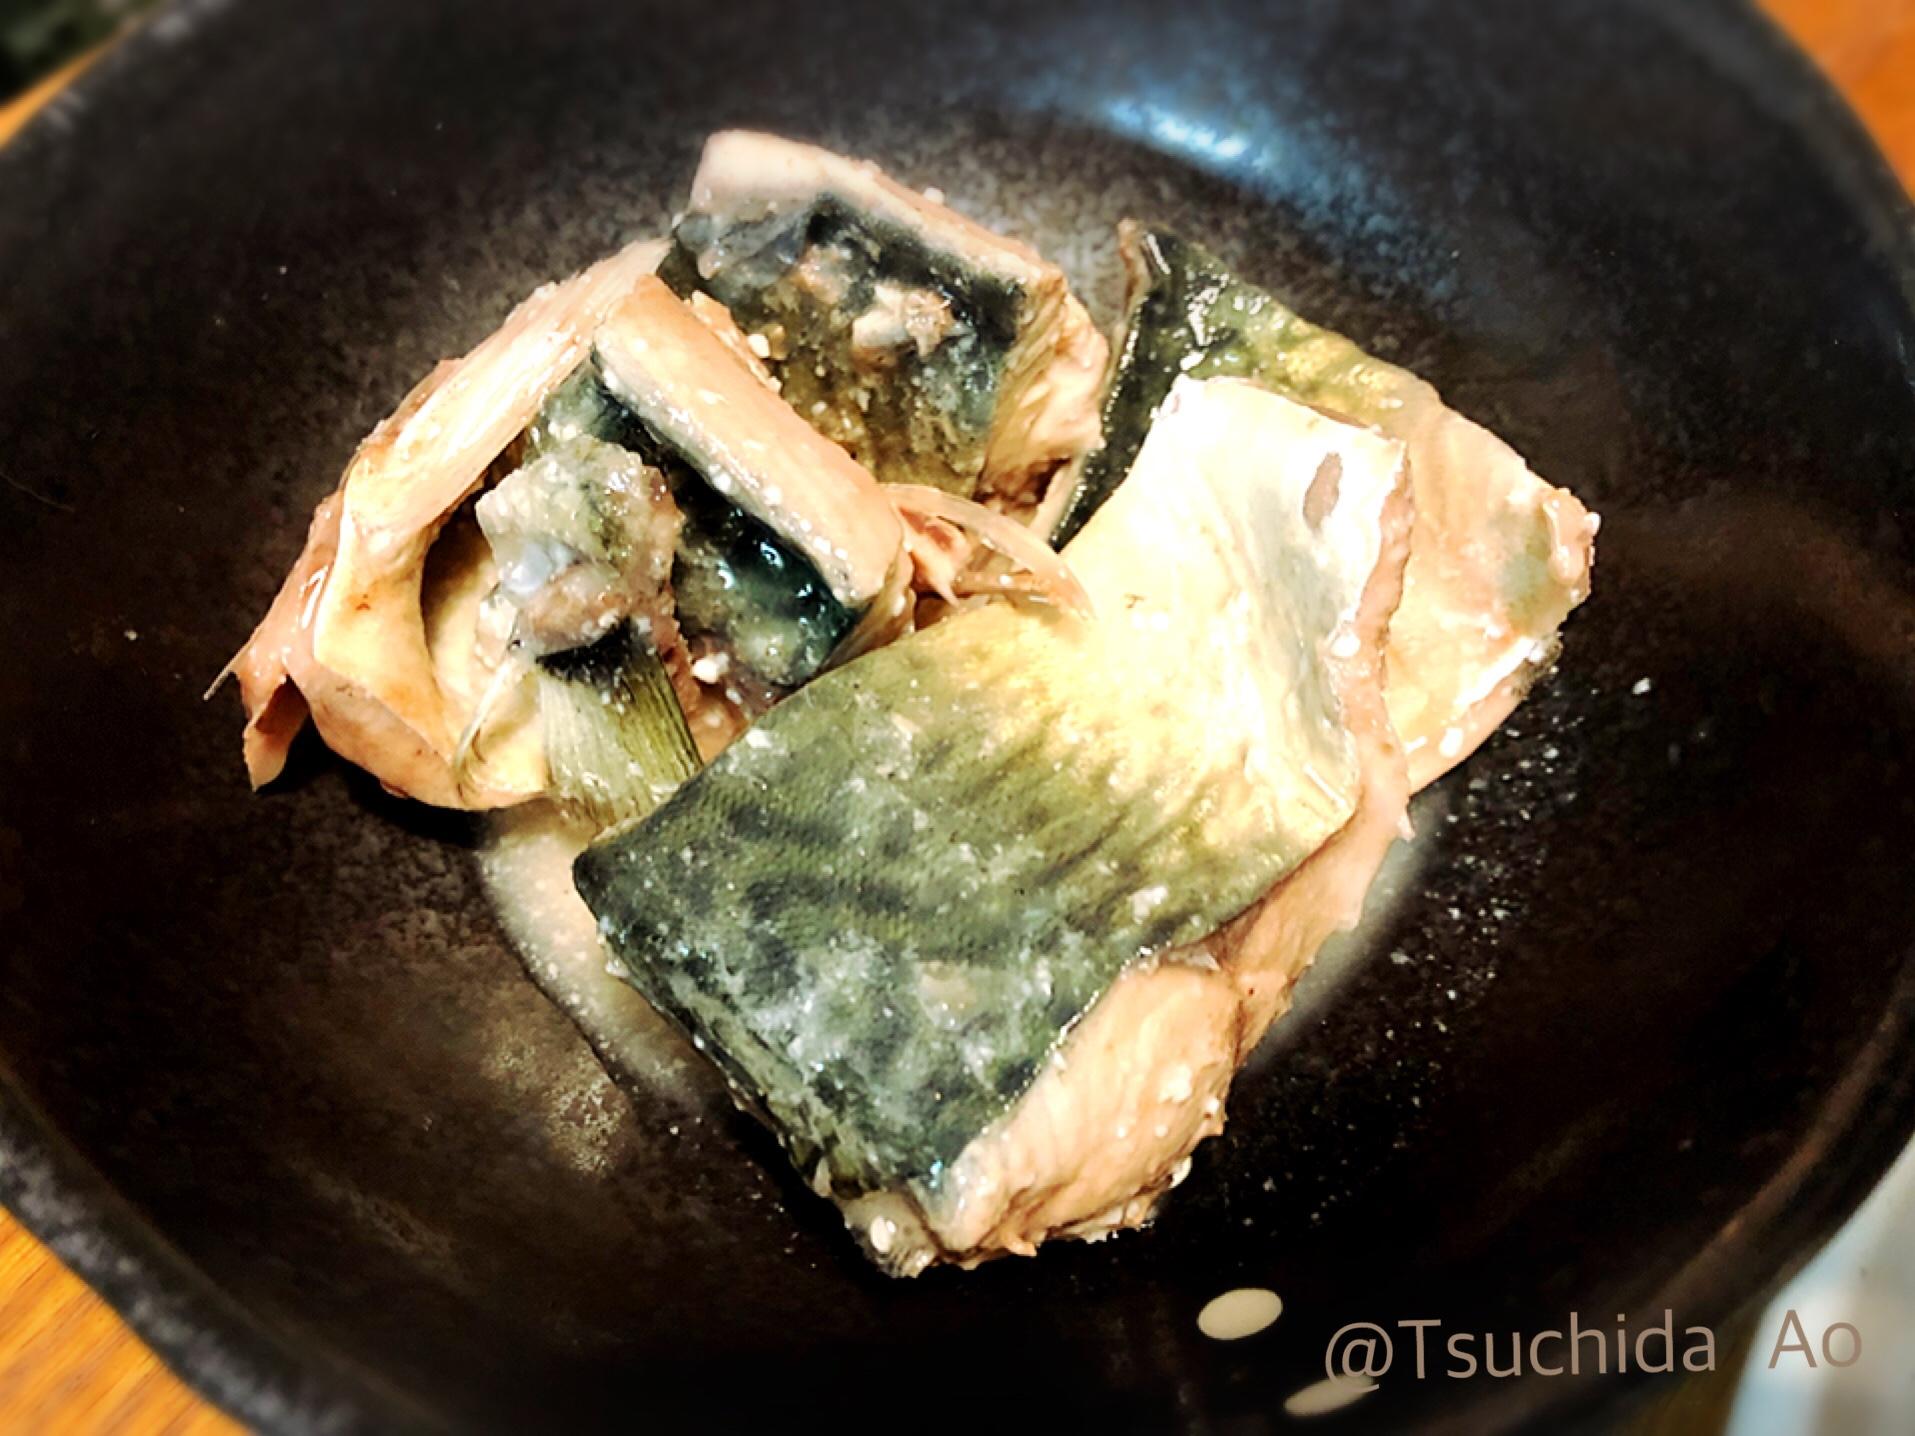 朝ごはんやお弁当、おつまみに!アイラップ使用、茹で鯖の塩麹漬け